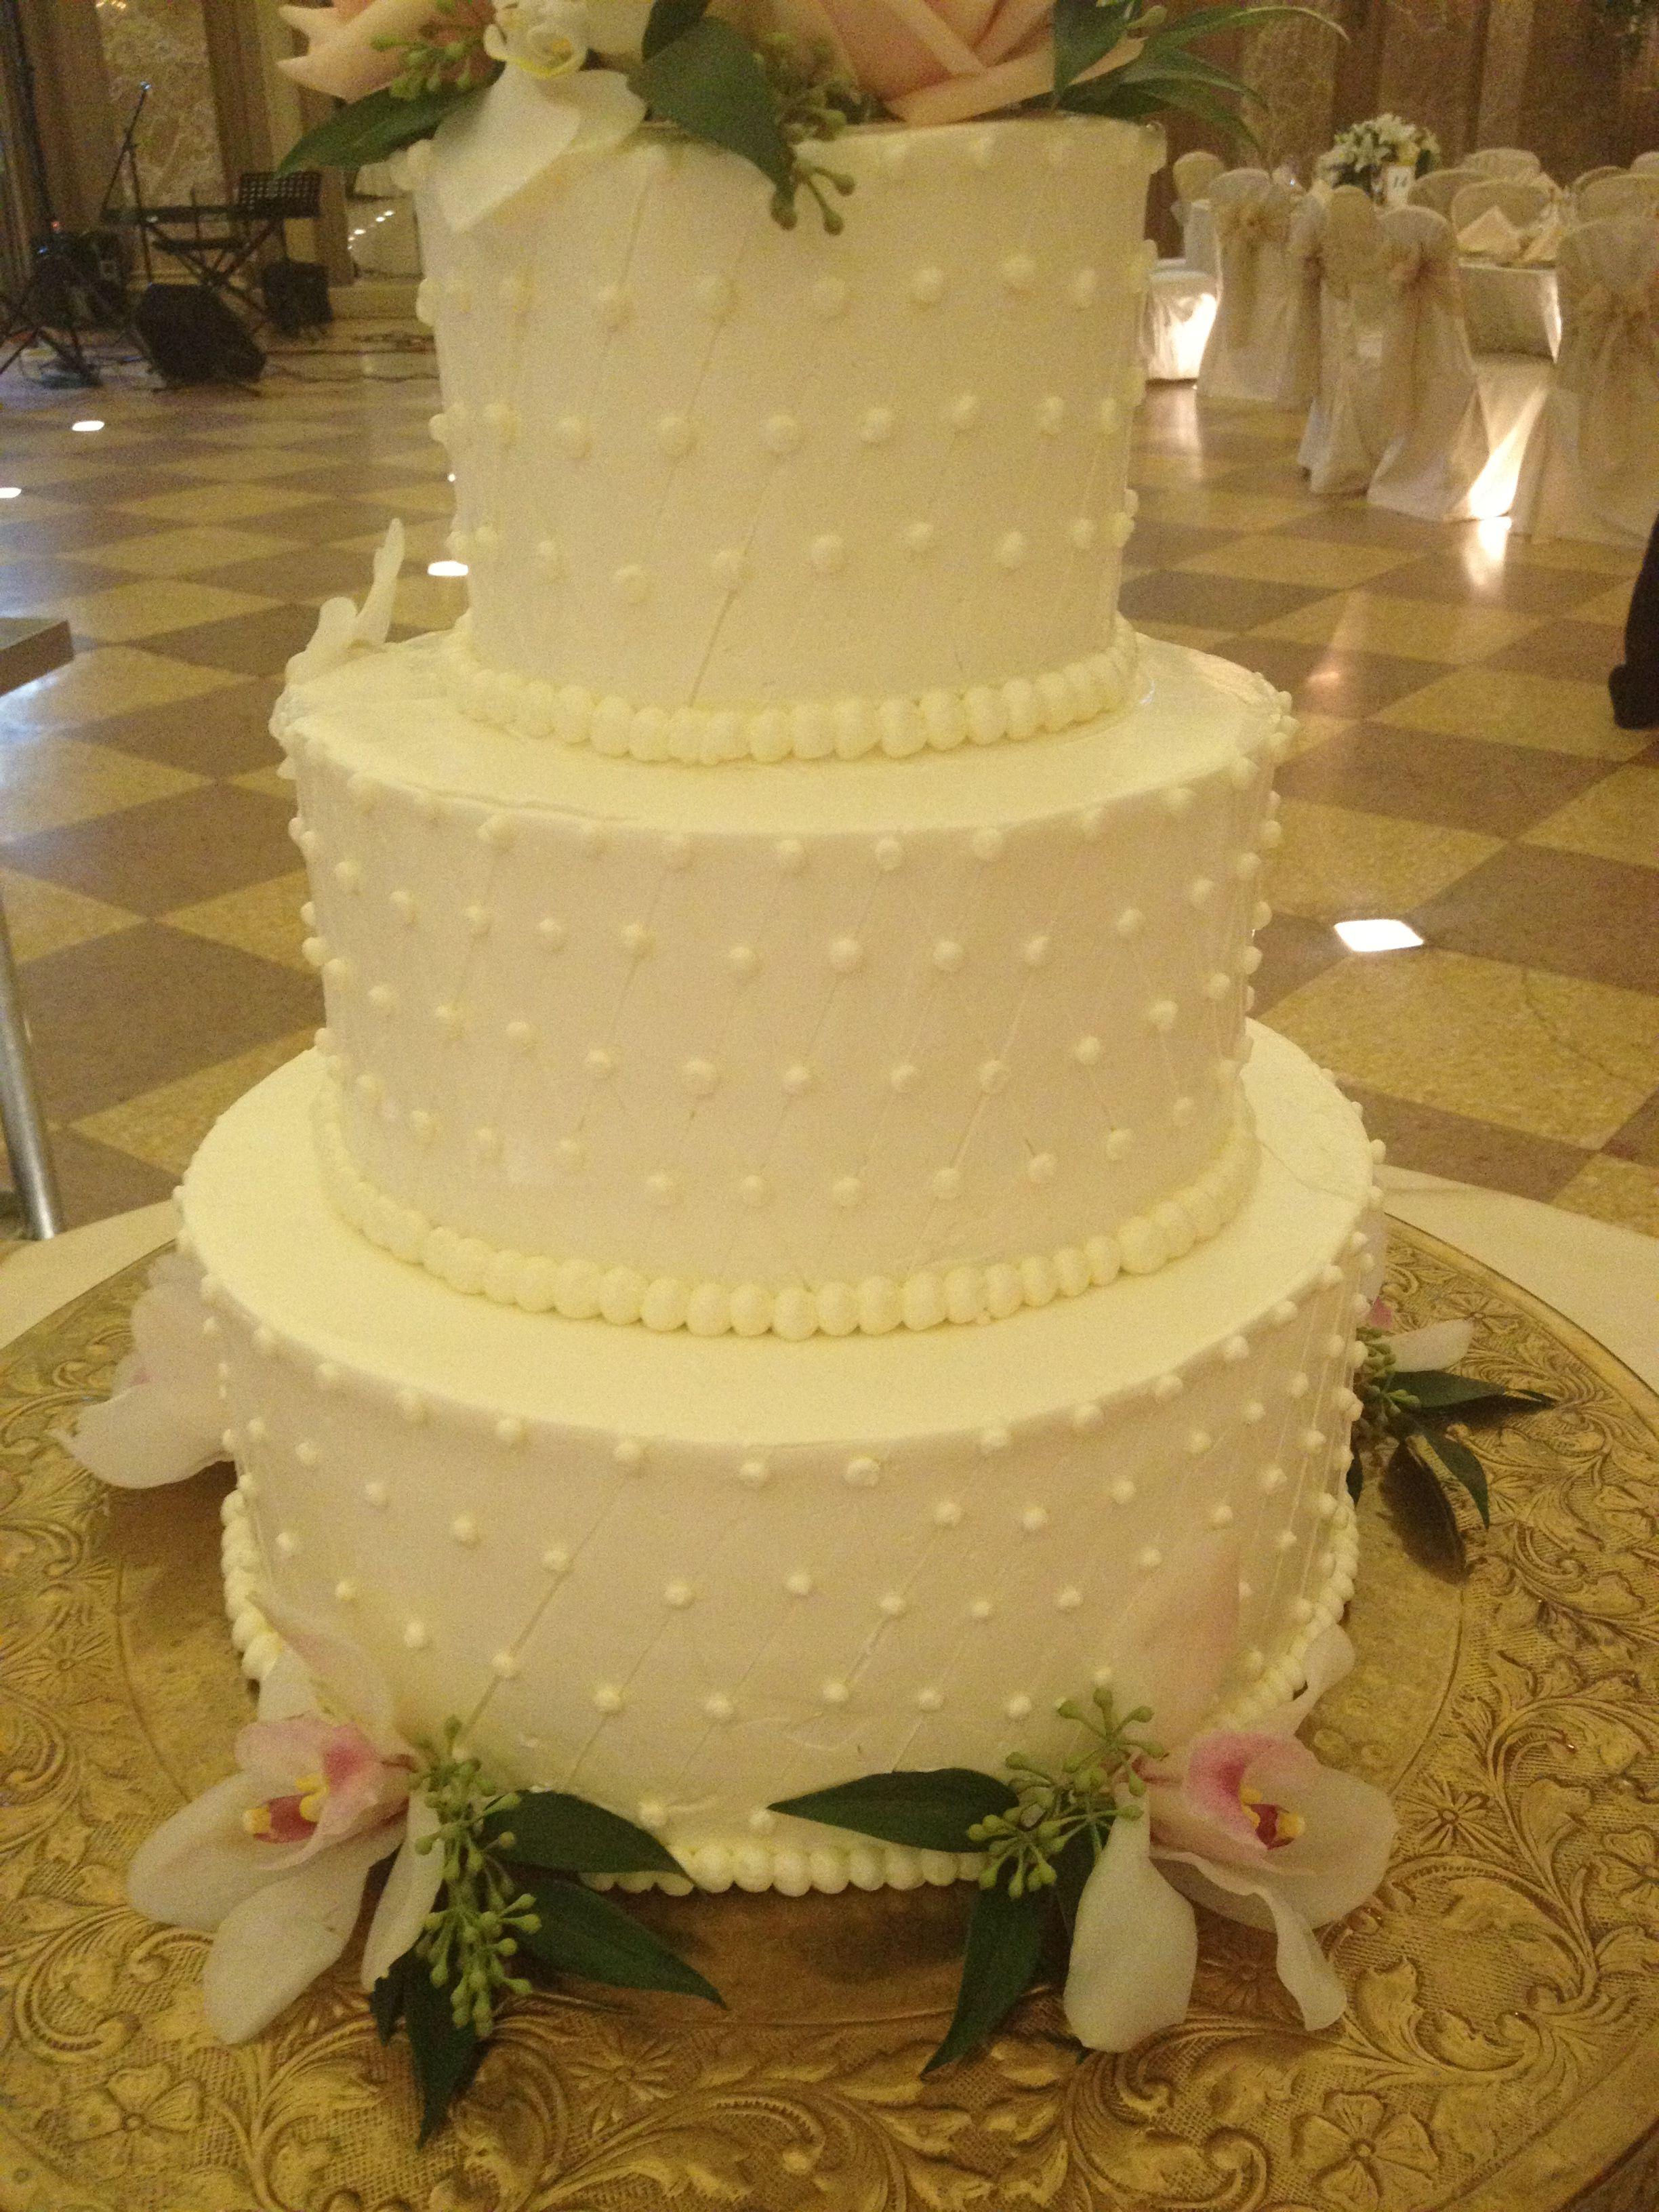 3-Tier wedding cake with diamond pattern http://thecoronado.com ...